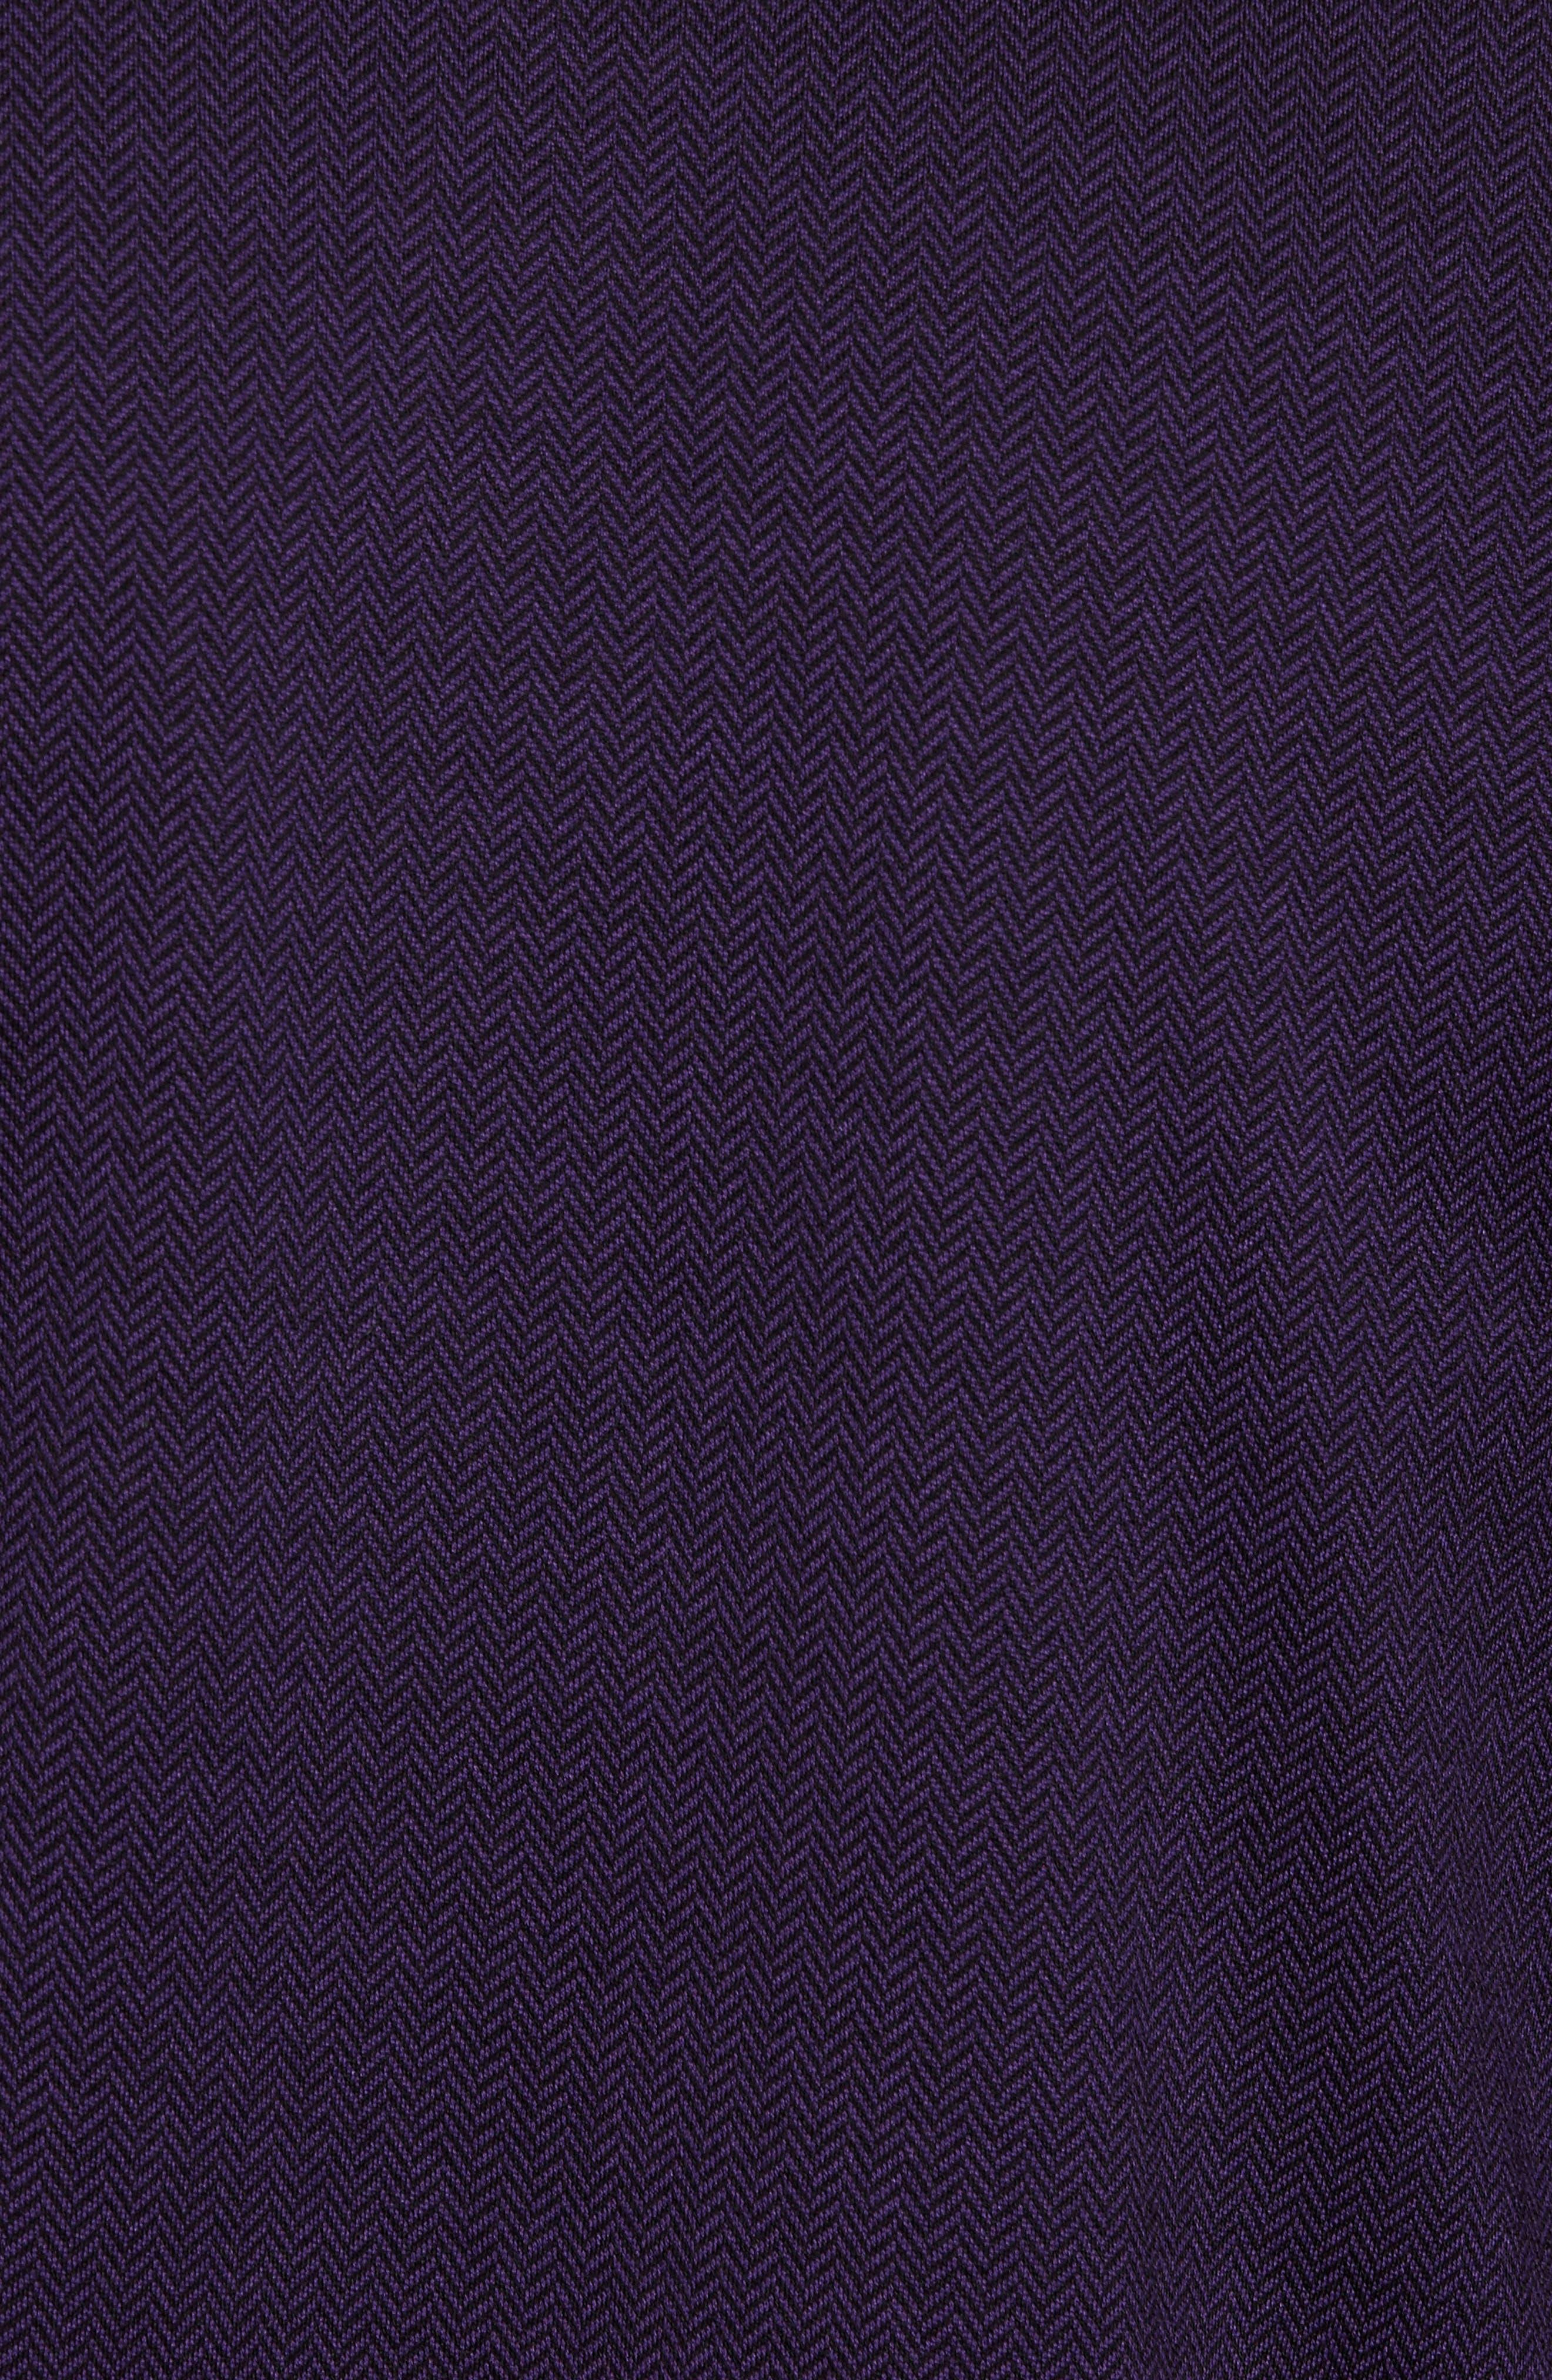 Herringbone Jacquard Polo,                             Alternate thumbnail 5, color,                             Purple